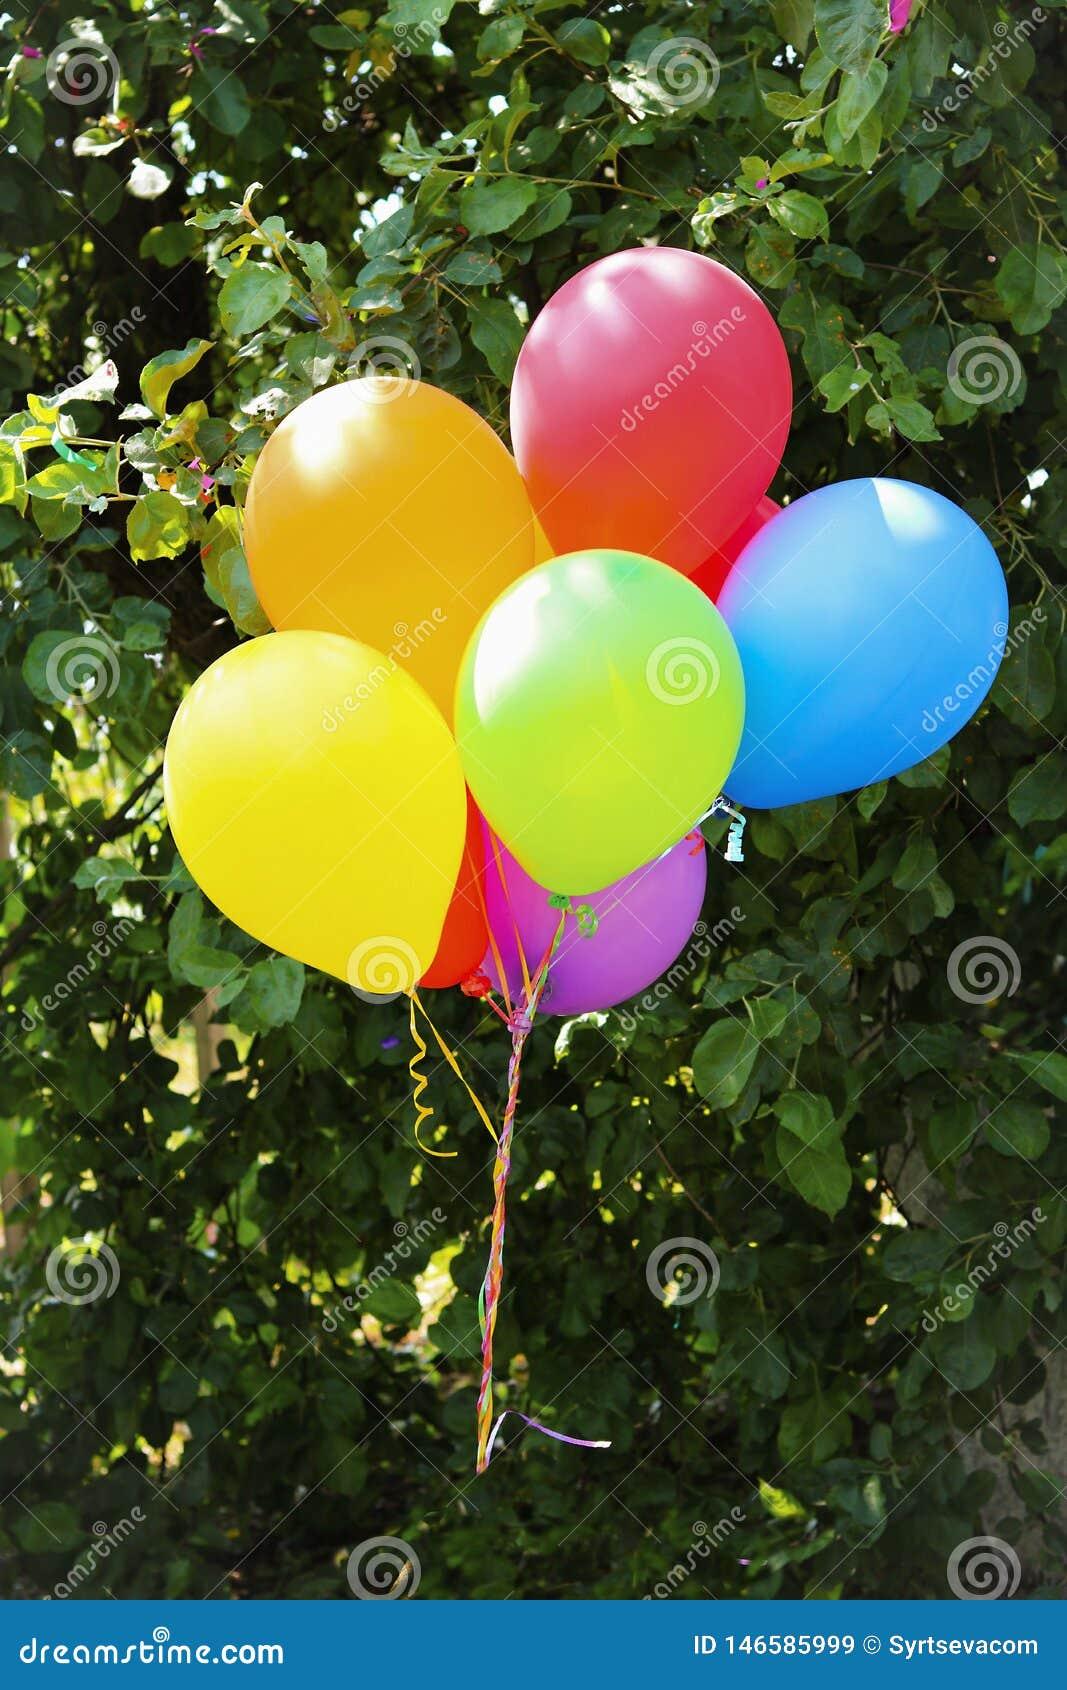 Lotes do close-up colorido dos balões que paira no fundo das folhas verdes